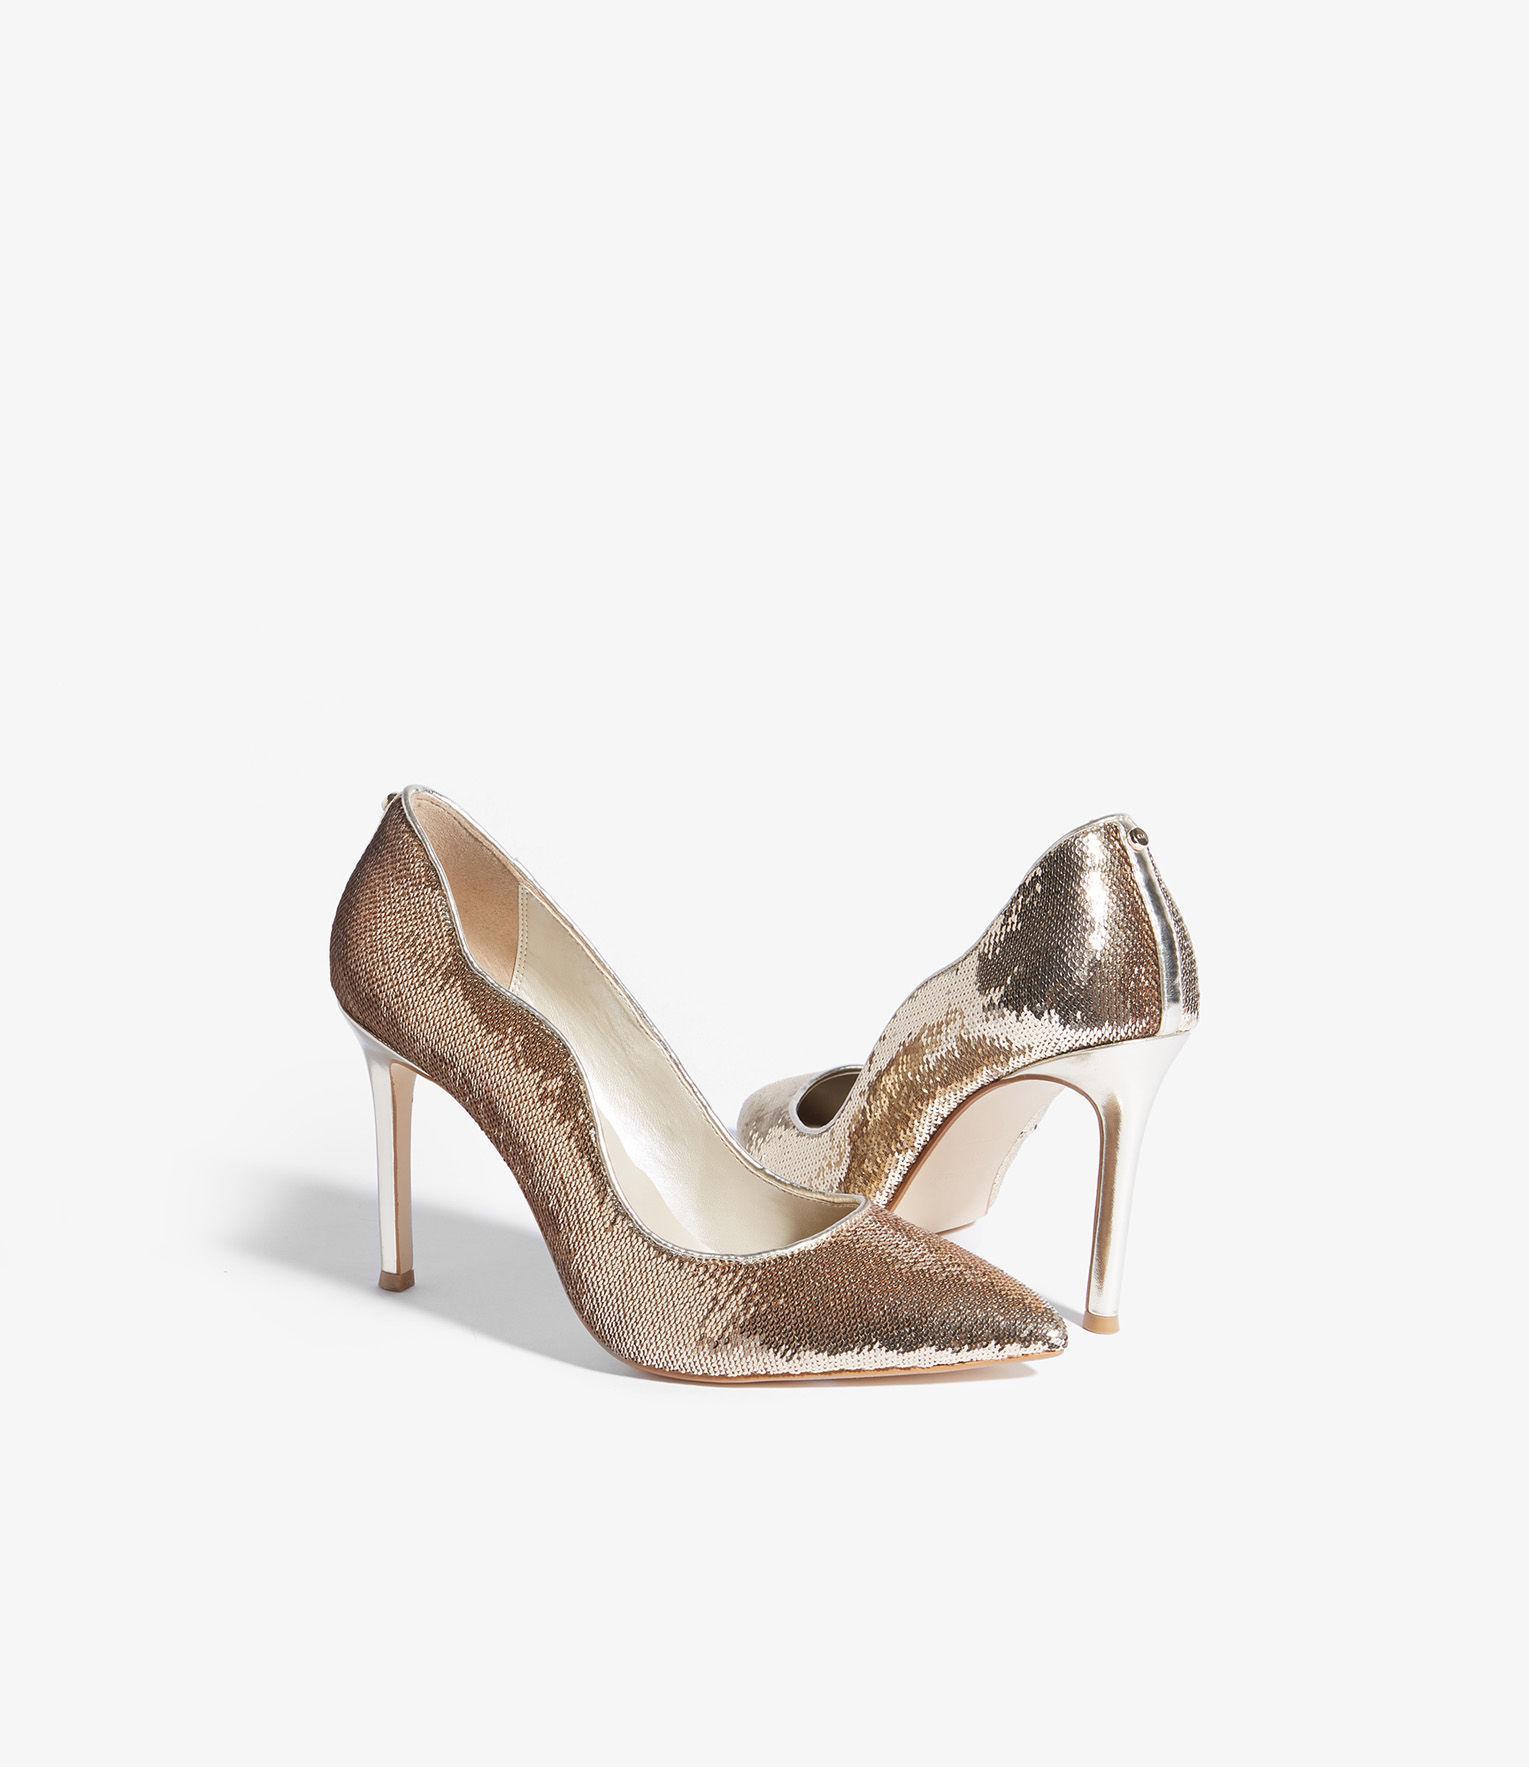 e8325f63451e Karen Millen - Metallic Sequined Court Shoes - Lyst. View fullscreen